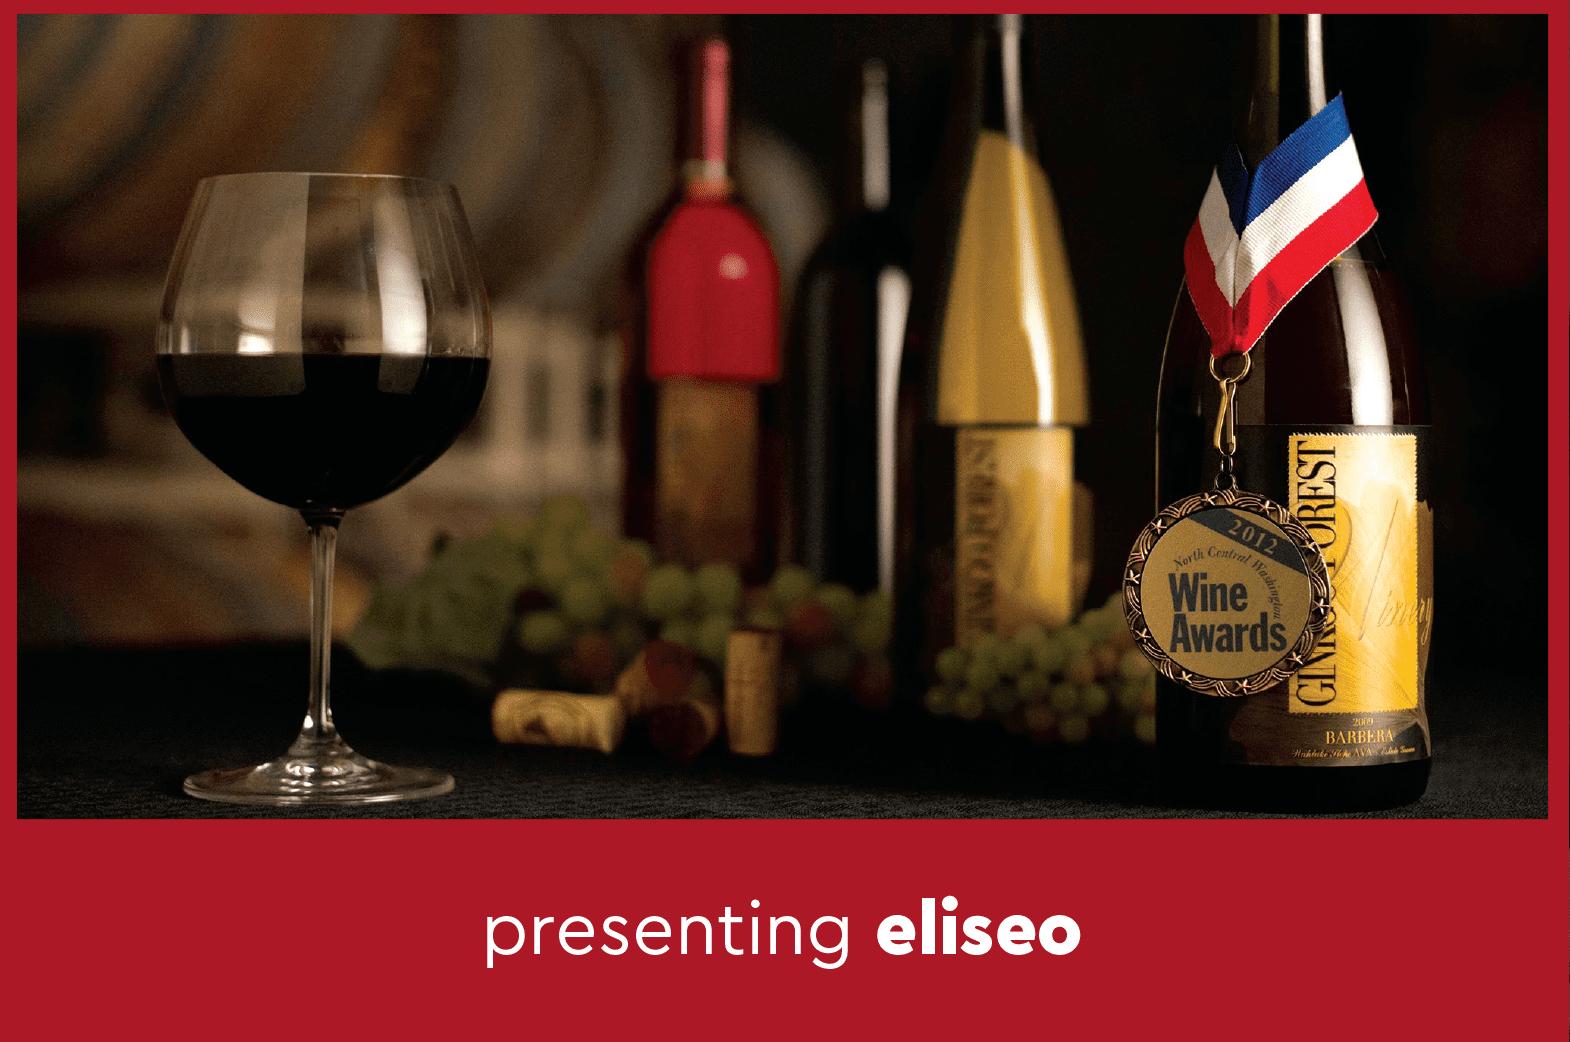 https://eliseo.org/wp-content/uploads/2021/09/presenting-eliseo.png